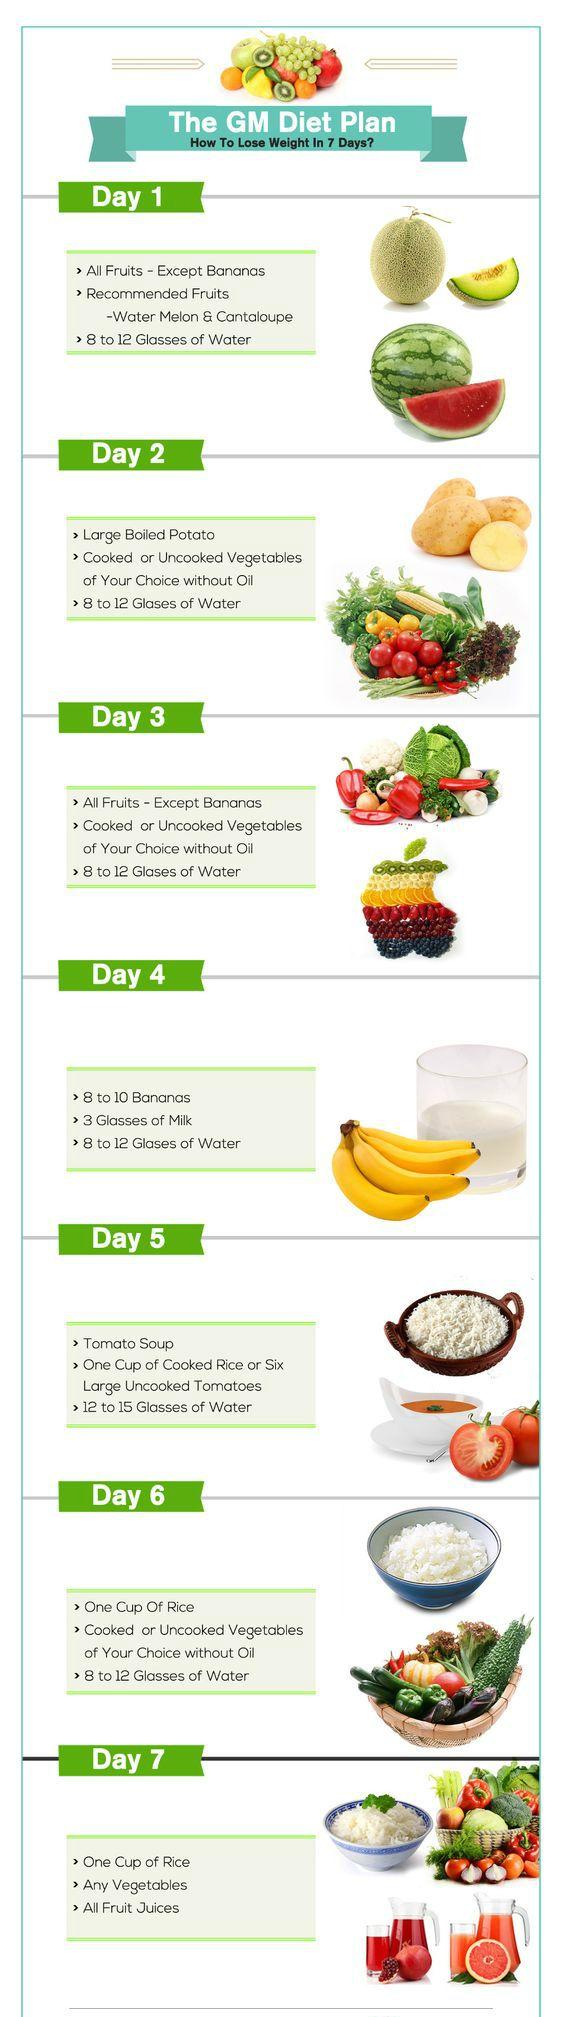 tone it up 8 week nutrition plan pdf